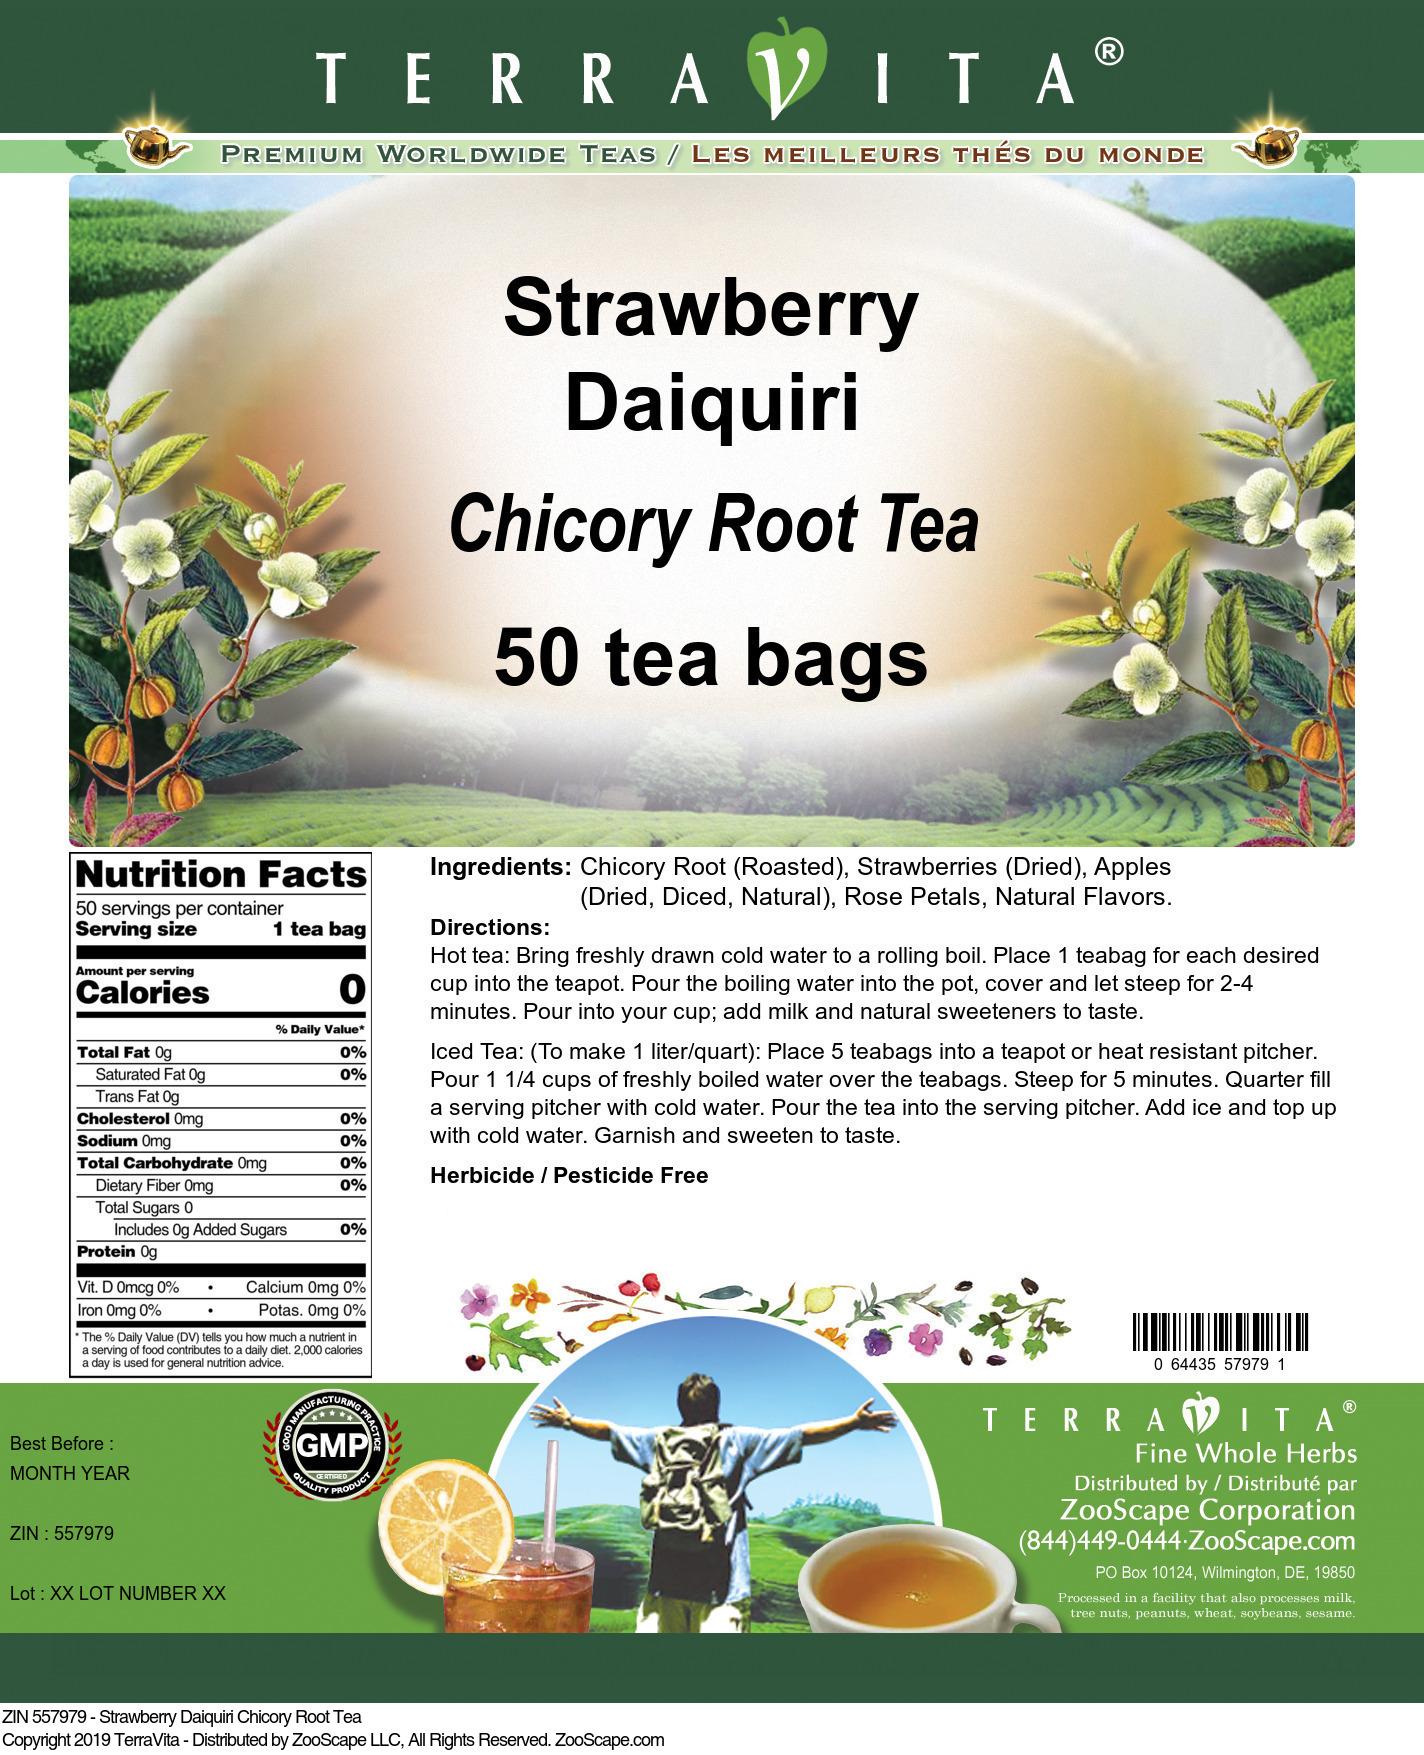 Strawberry Daiquiri Chicory Root Tea